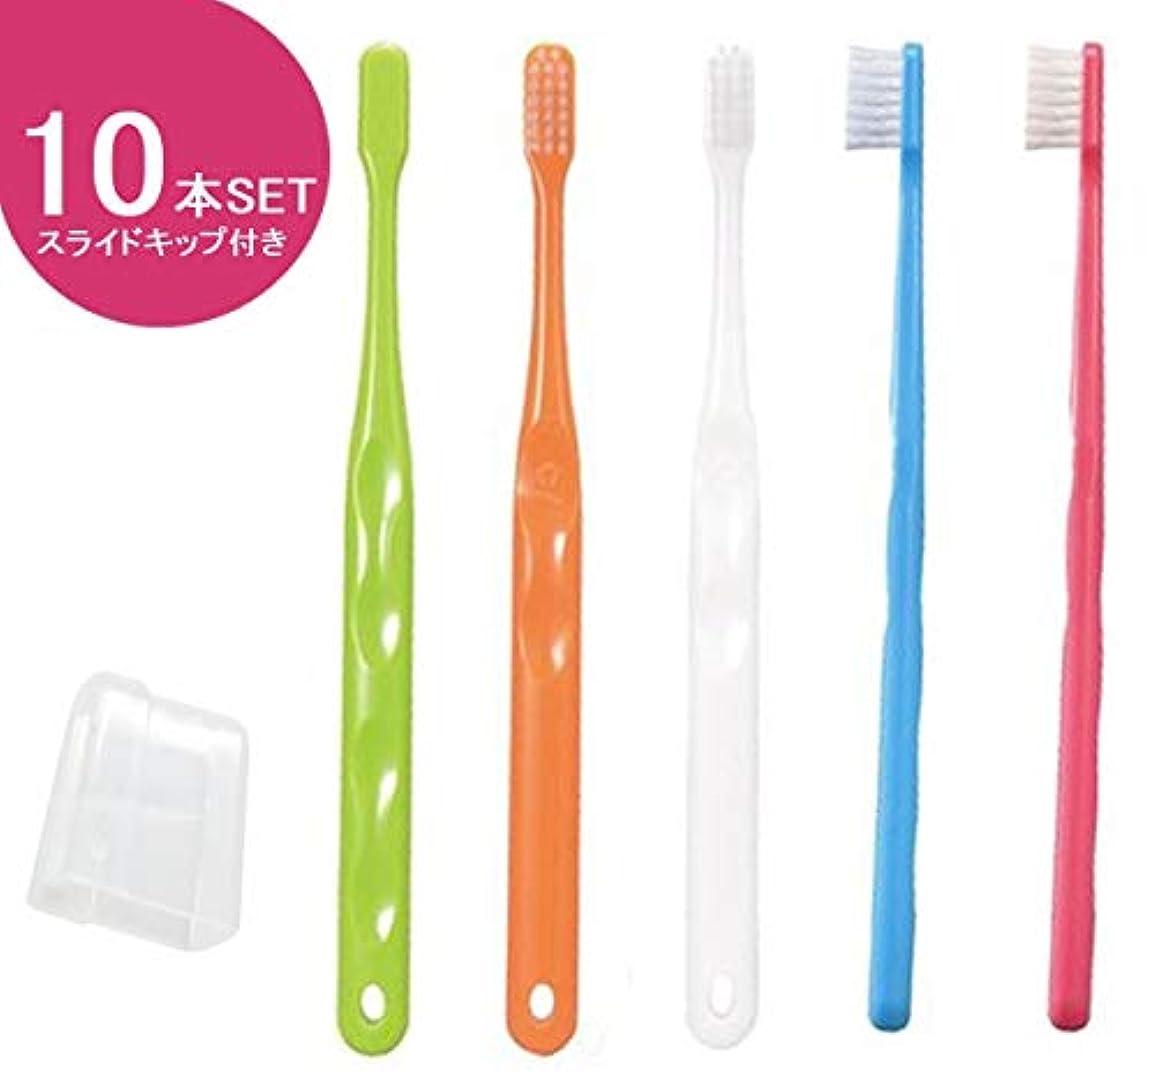 所有権注目すべき繰り返すCiメディカル Ci700 (超先細+ラウンド毛) 歯ブラシ M(ふつう) スライドキャップ付き 10本